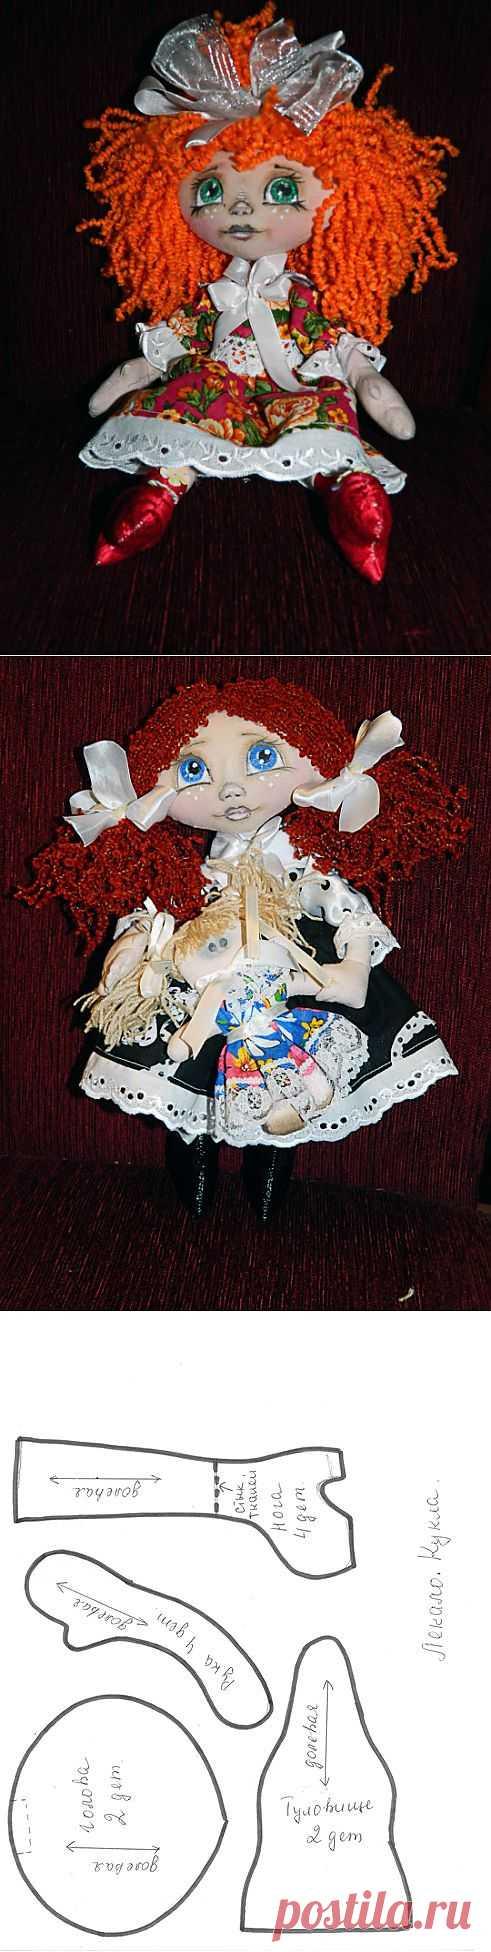 (+1) тема - МК текстильная кукла №2 | РУКОДЕЛИЕ